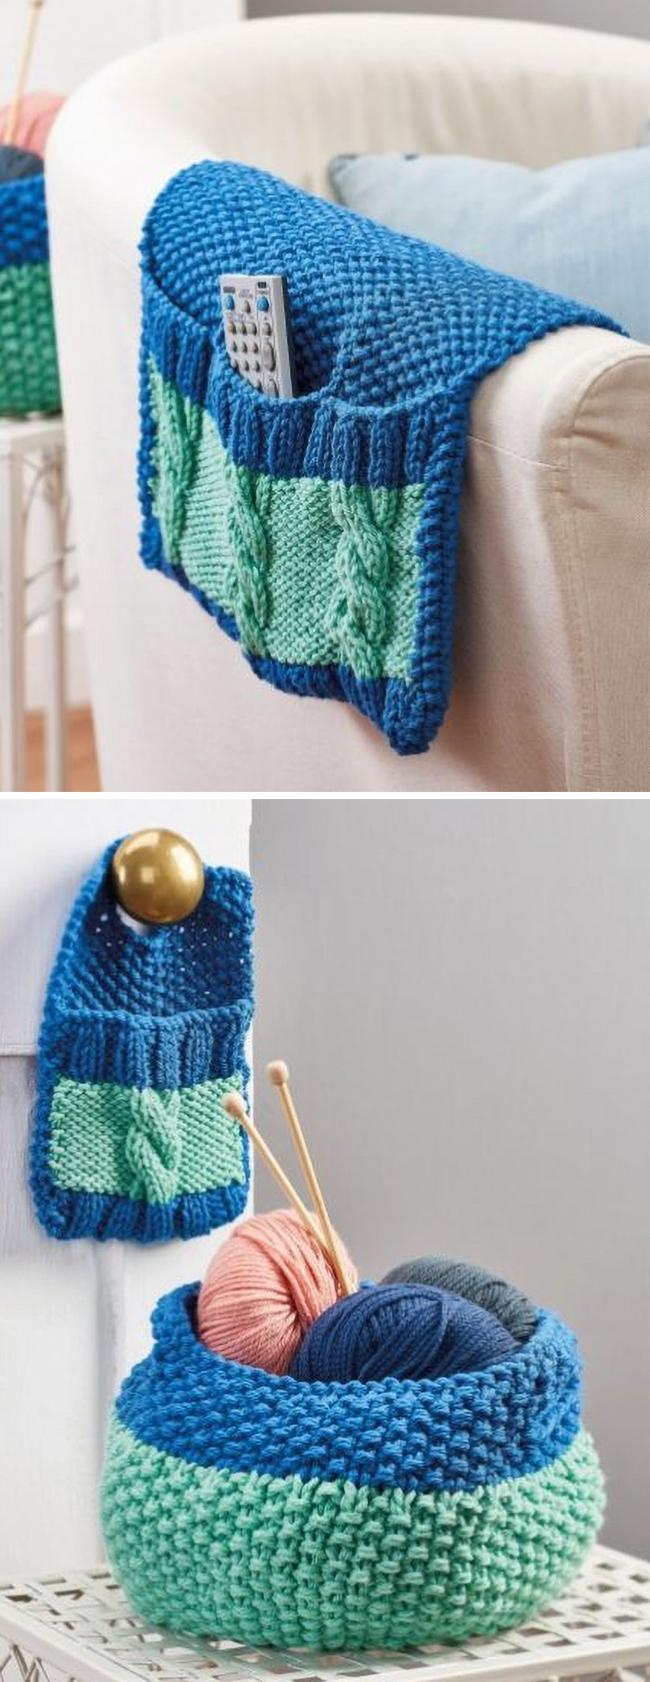 Free Knitting Pattern for Stash n Store Set